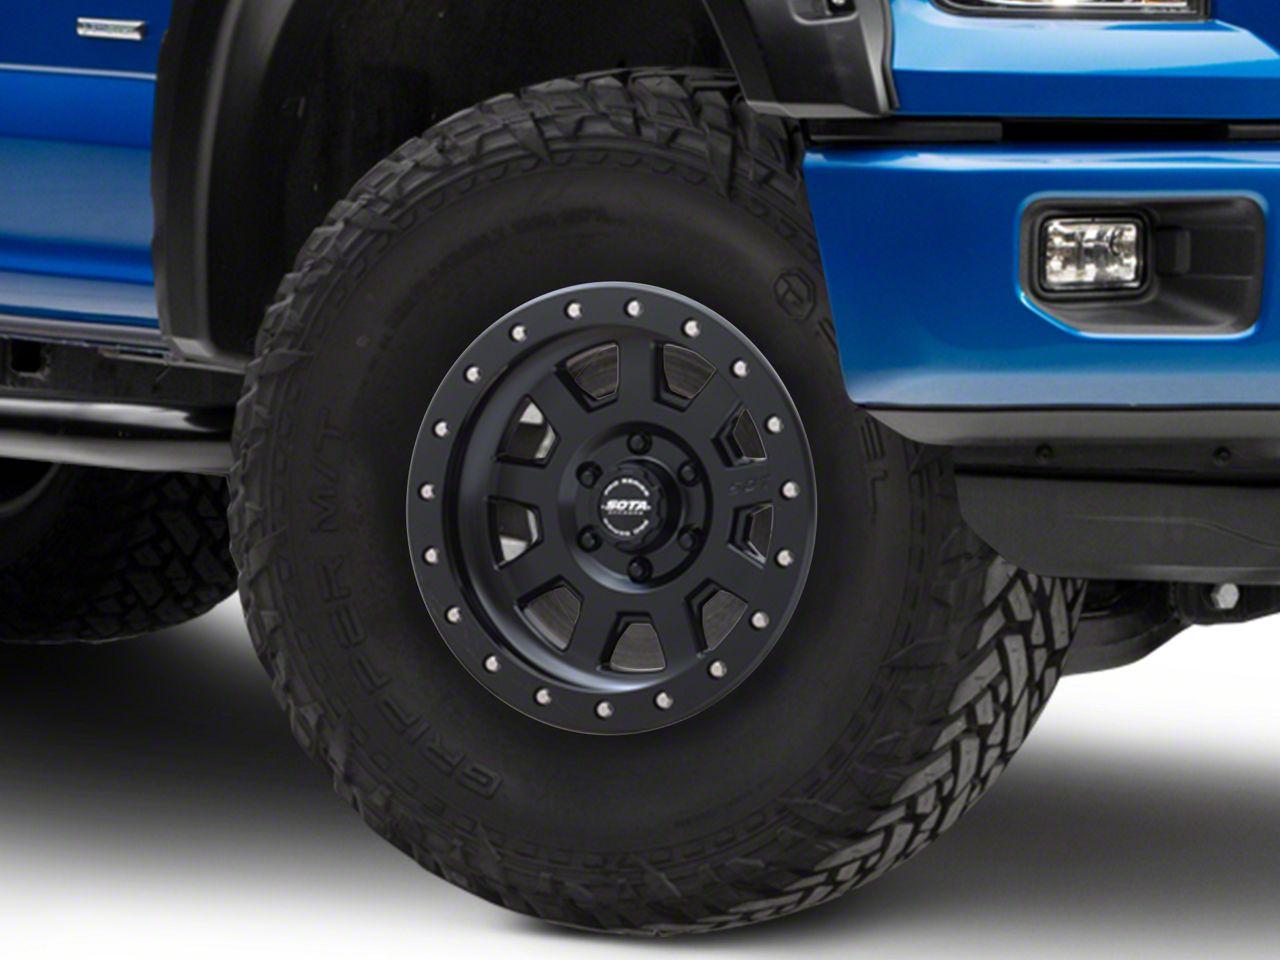 SOTA Off Road S.S.D. Stealth Black 6-Lug Wheel - 17x8.5; 6mm Offset (15-19 F-150)